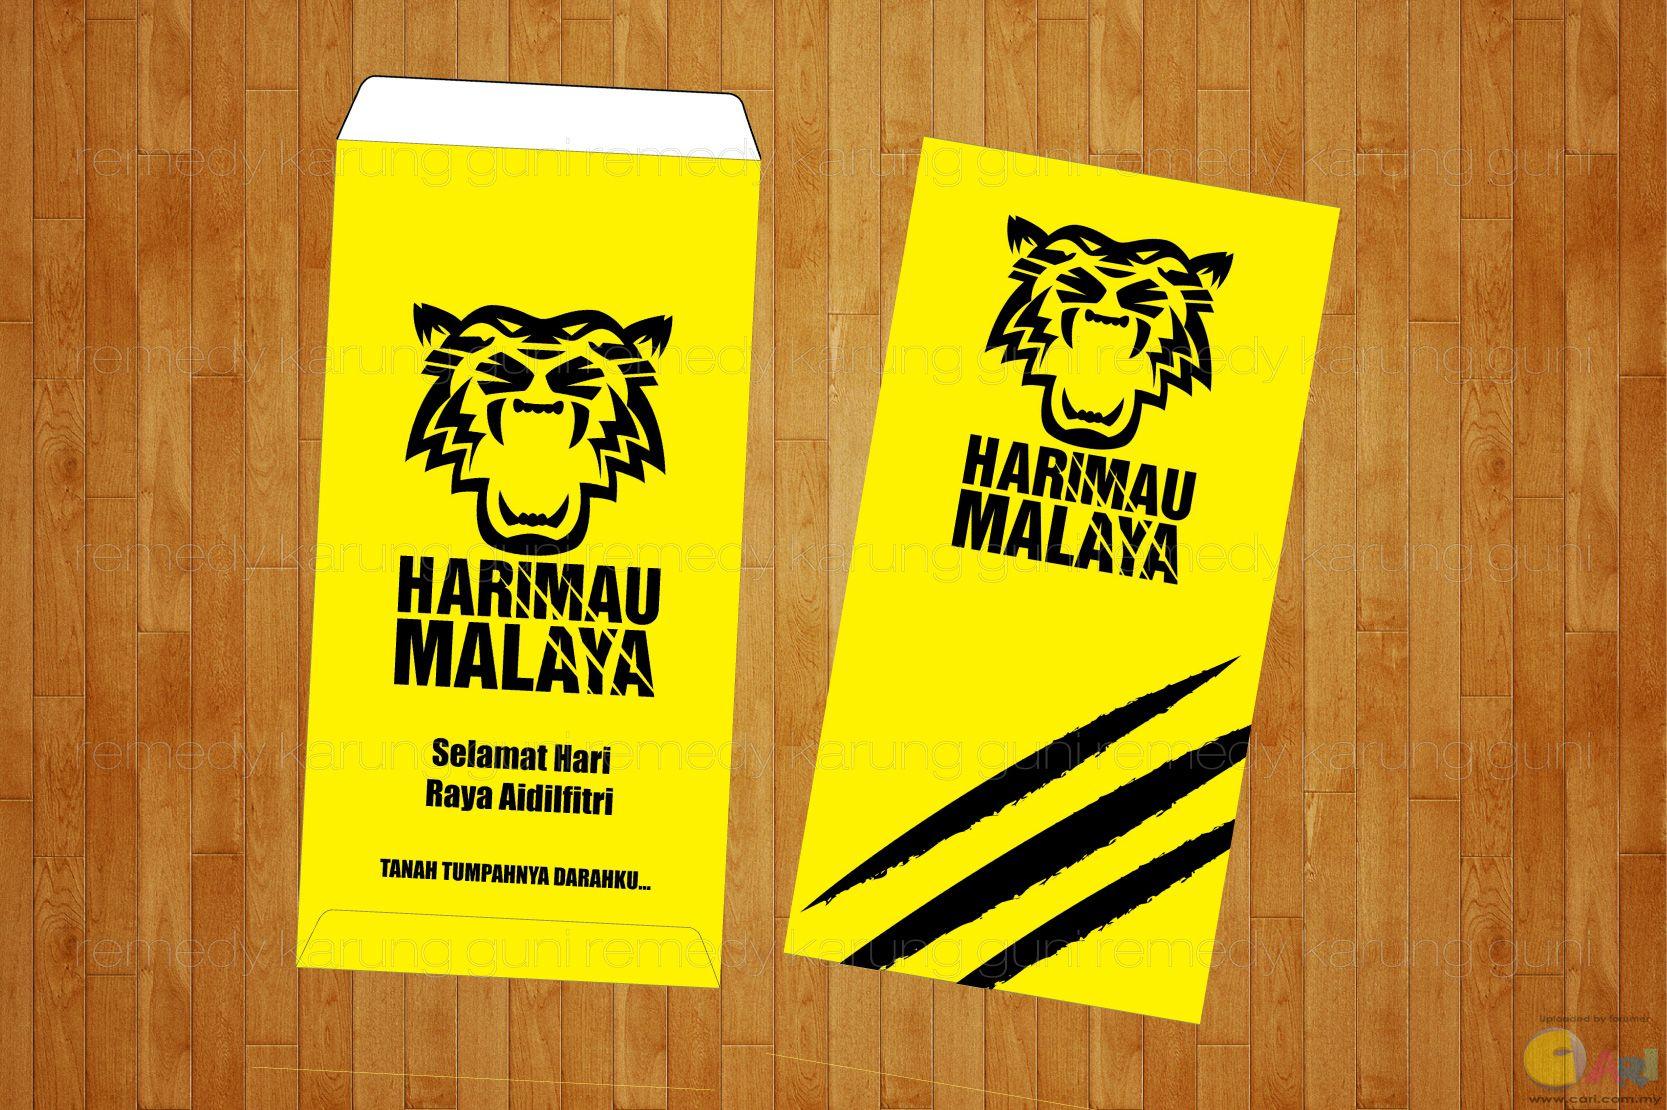 Sampul Duit Raya Harimau Malaya Edisi 2012 Jualbeli Shop Online